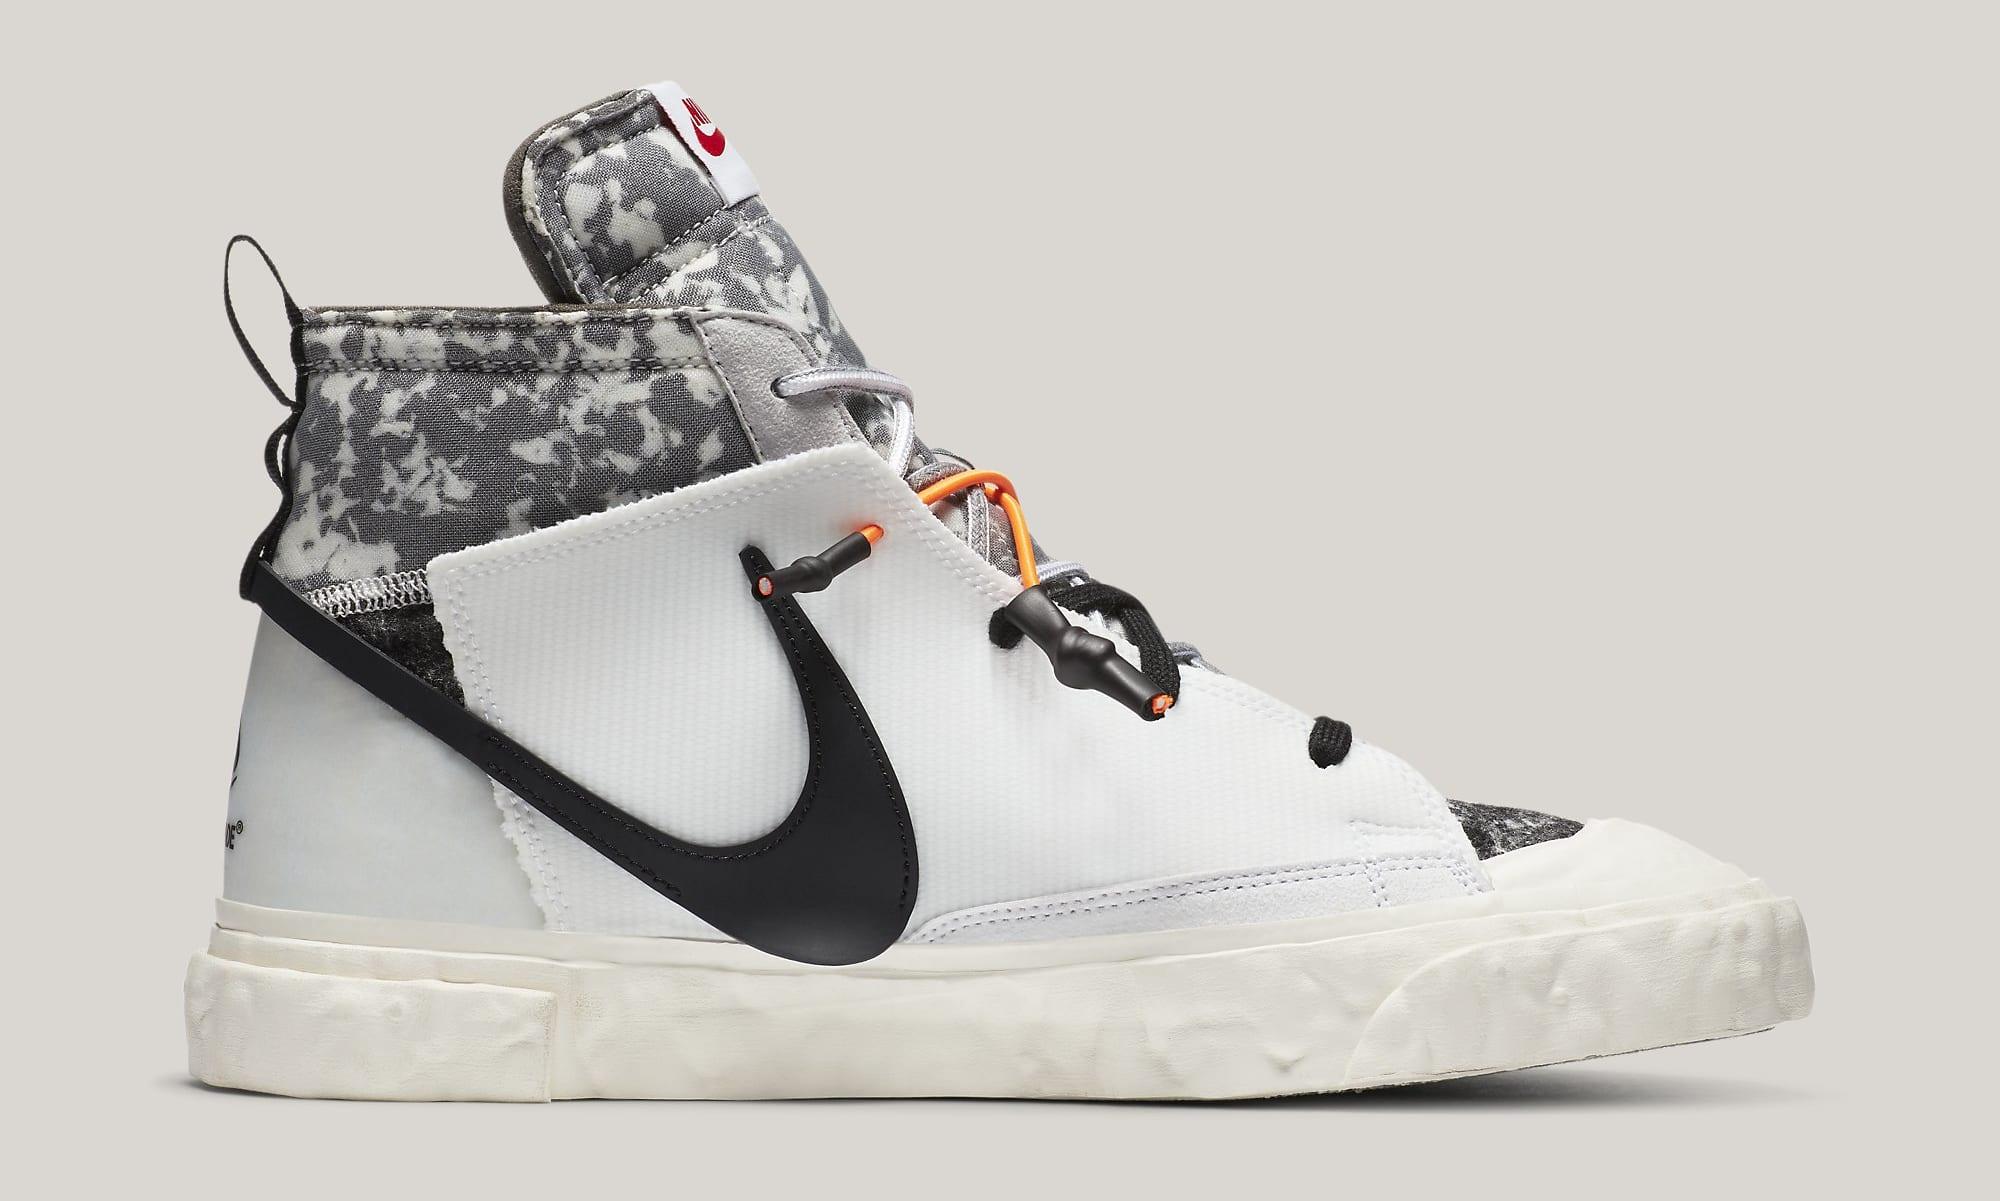 Readymade x Nike Blazer Mid CZ3589-100 Medial